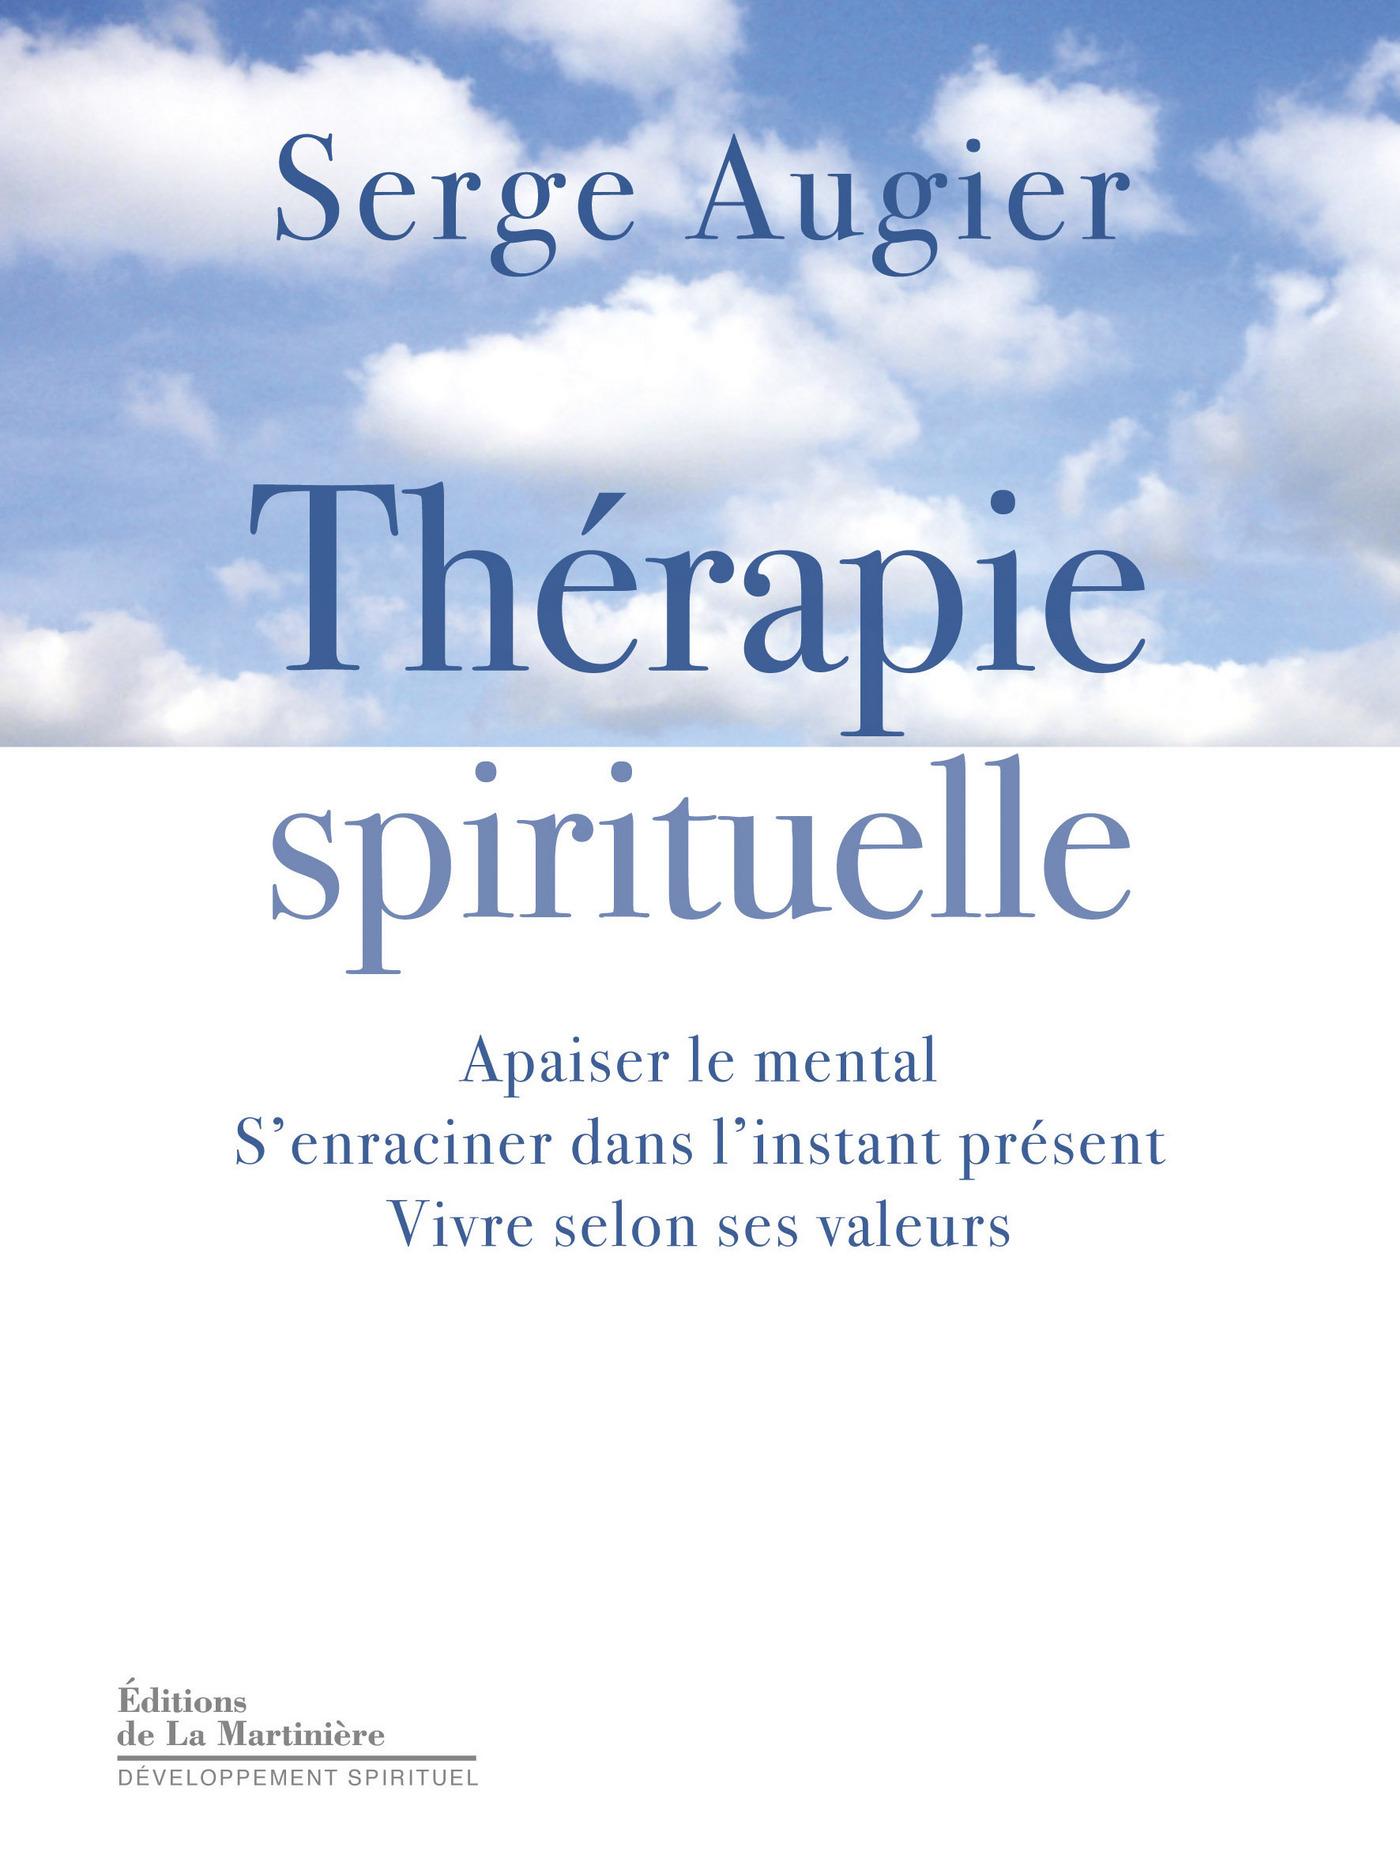 Thérapie spirituelle. Apaiser le mental, s'enraciner dans l'instant présent, vivre selon ses valeurs